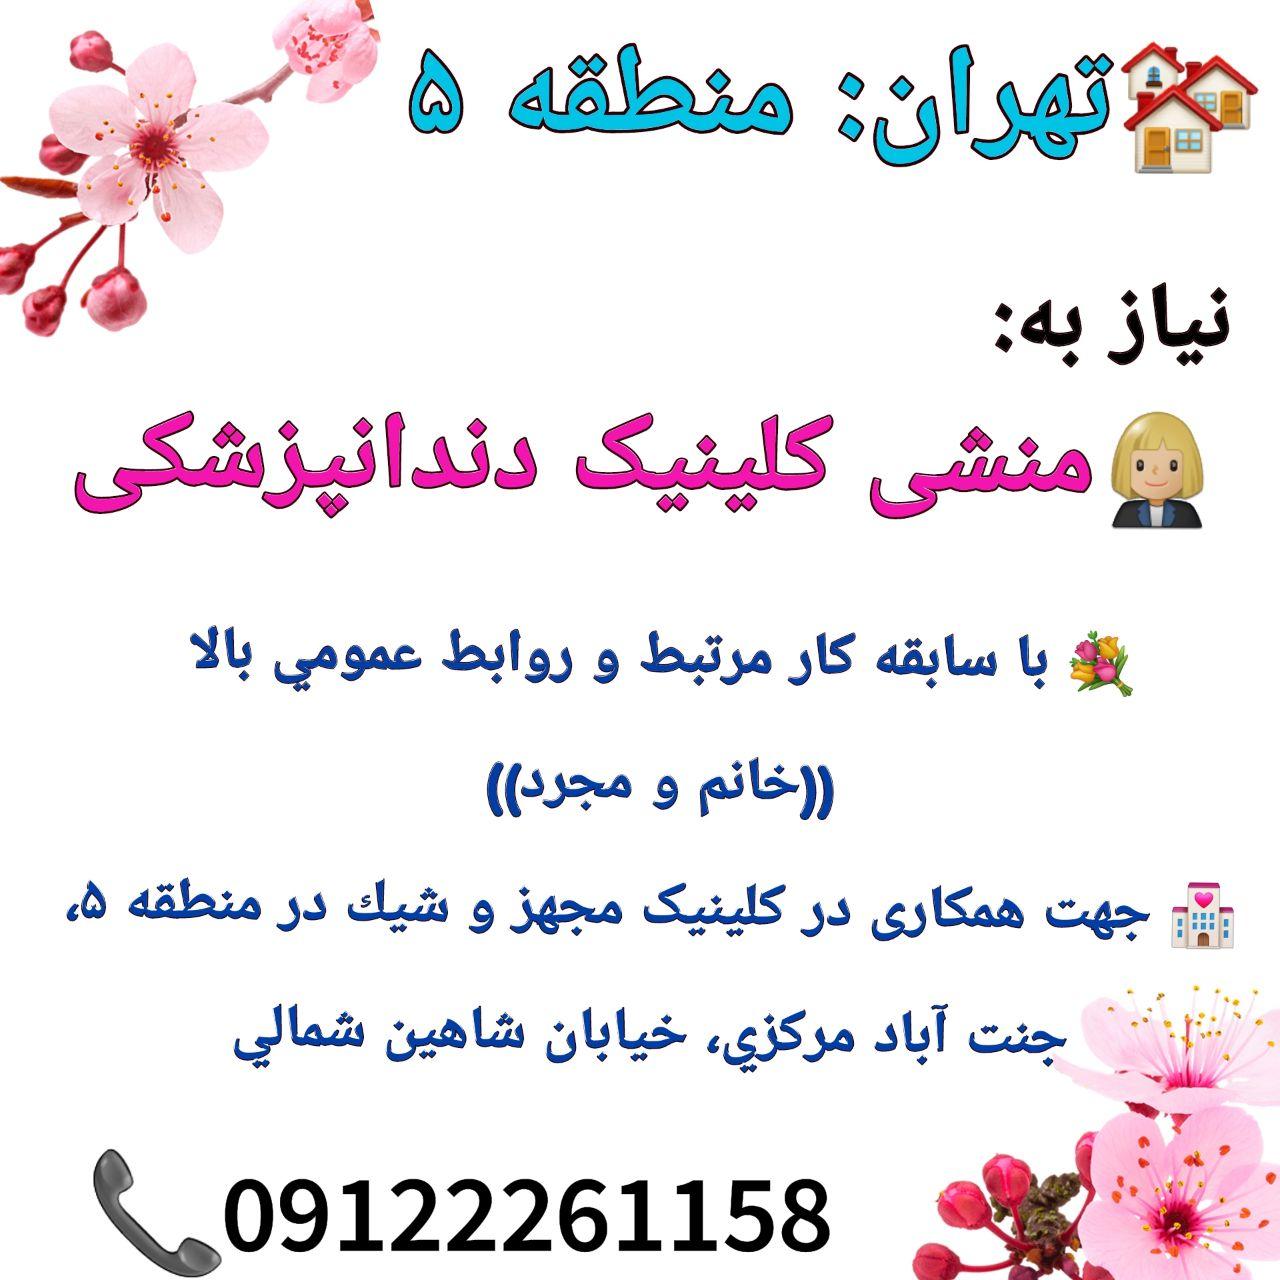 تهران: منطقه ۵، نیاز به منشی کلینیک دندانپزشکی